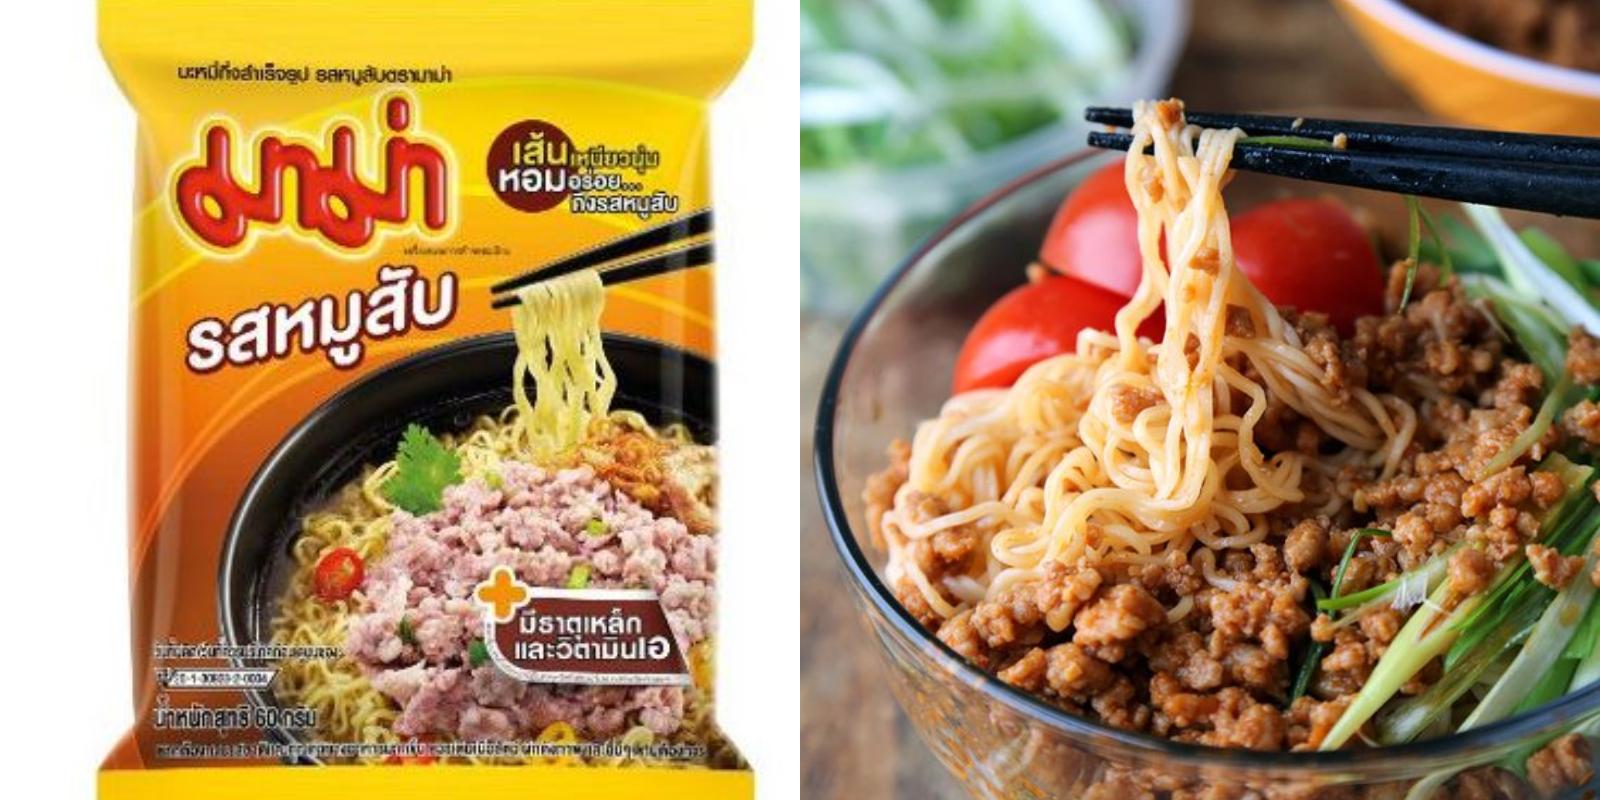 泰國除了酸辣湯有名以外,去泰國必吃的一定就是打拋系列拉!什麼打拋雞豬牛,都是去當地必定要品嘗的美食之一!